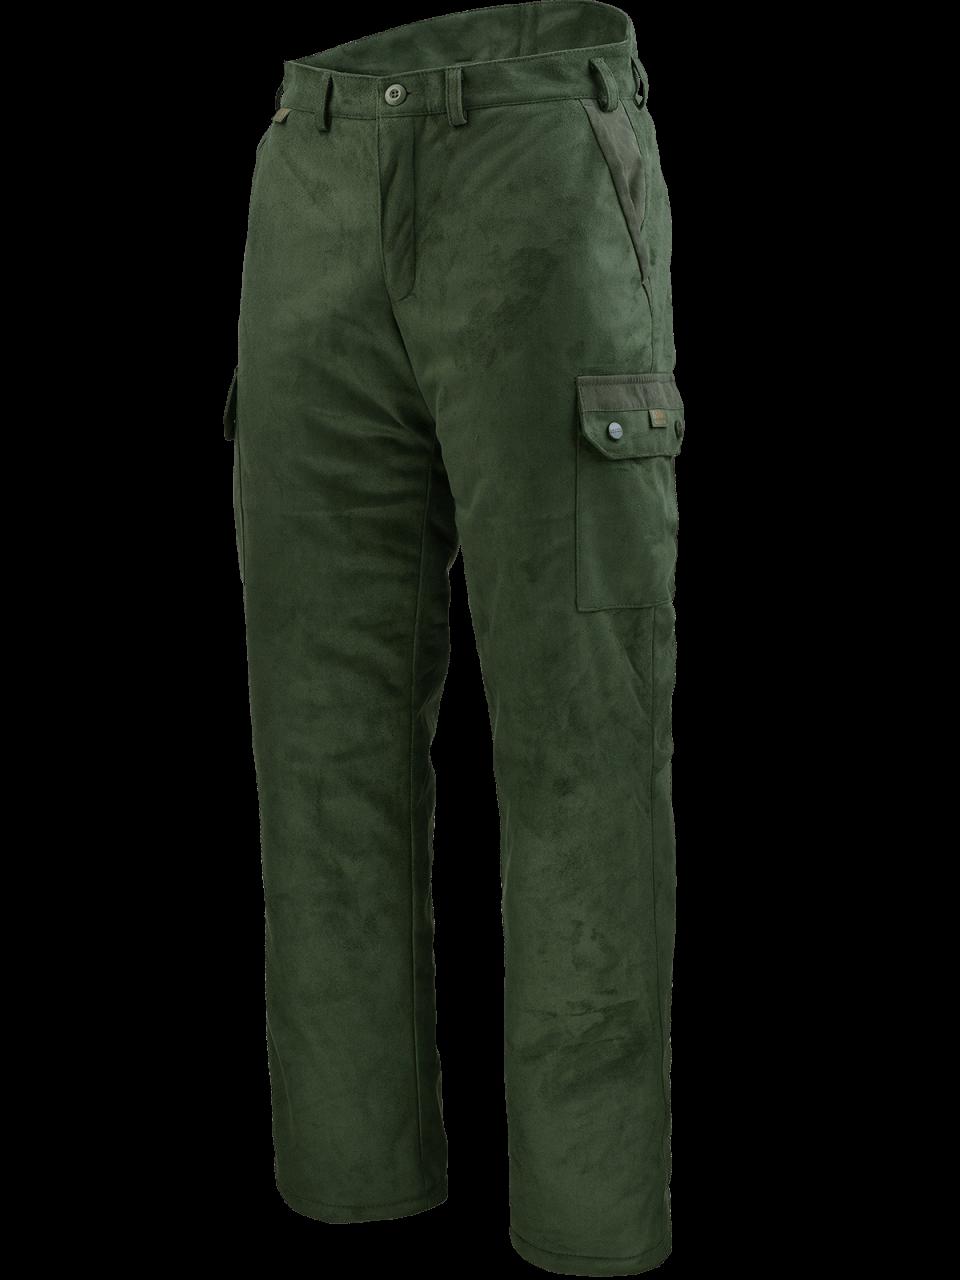 zateplené nohavice Castor outdoorové oblečenie pred